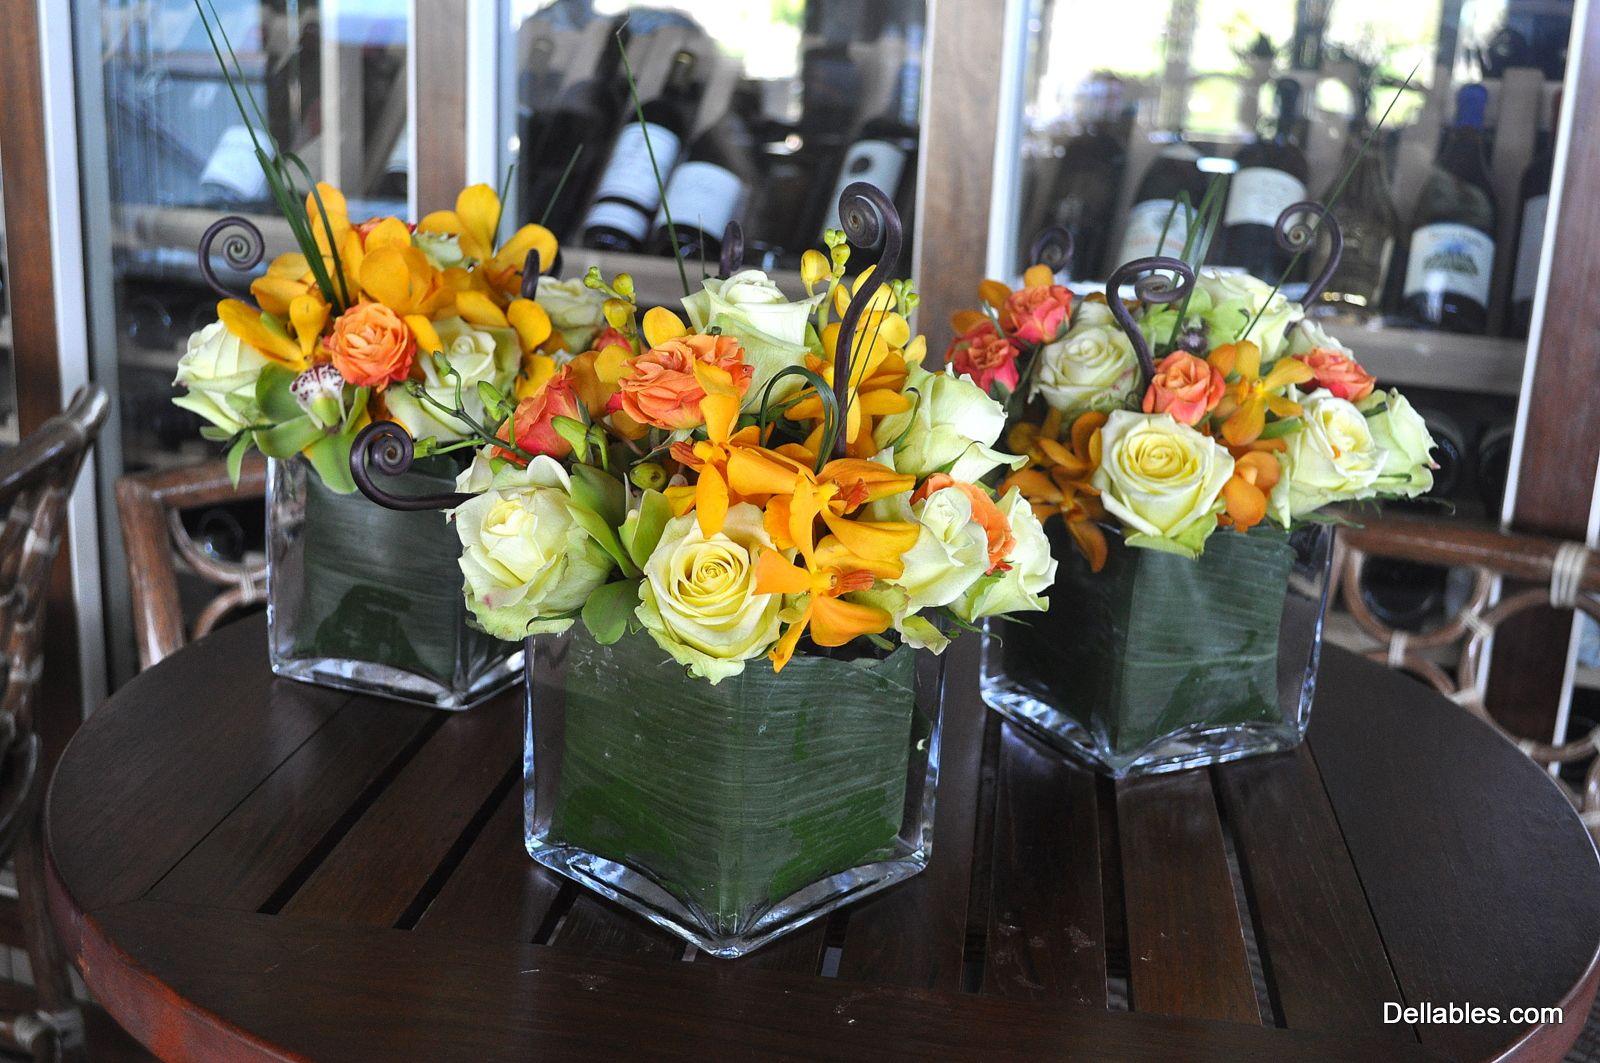 Image detail for -Dellables Blog - Maui Wedding Flowers: Table Arrangement Ideas